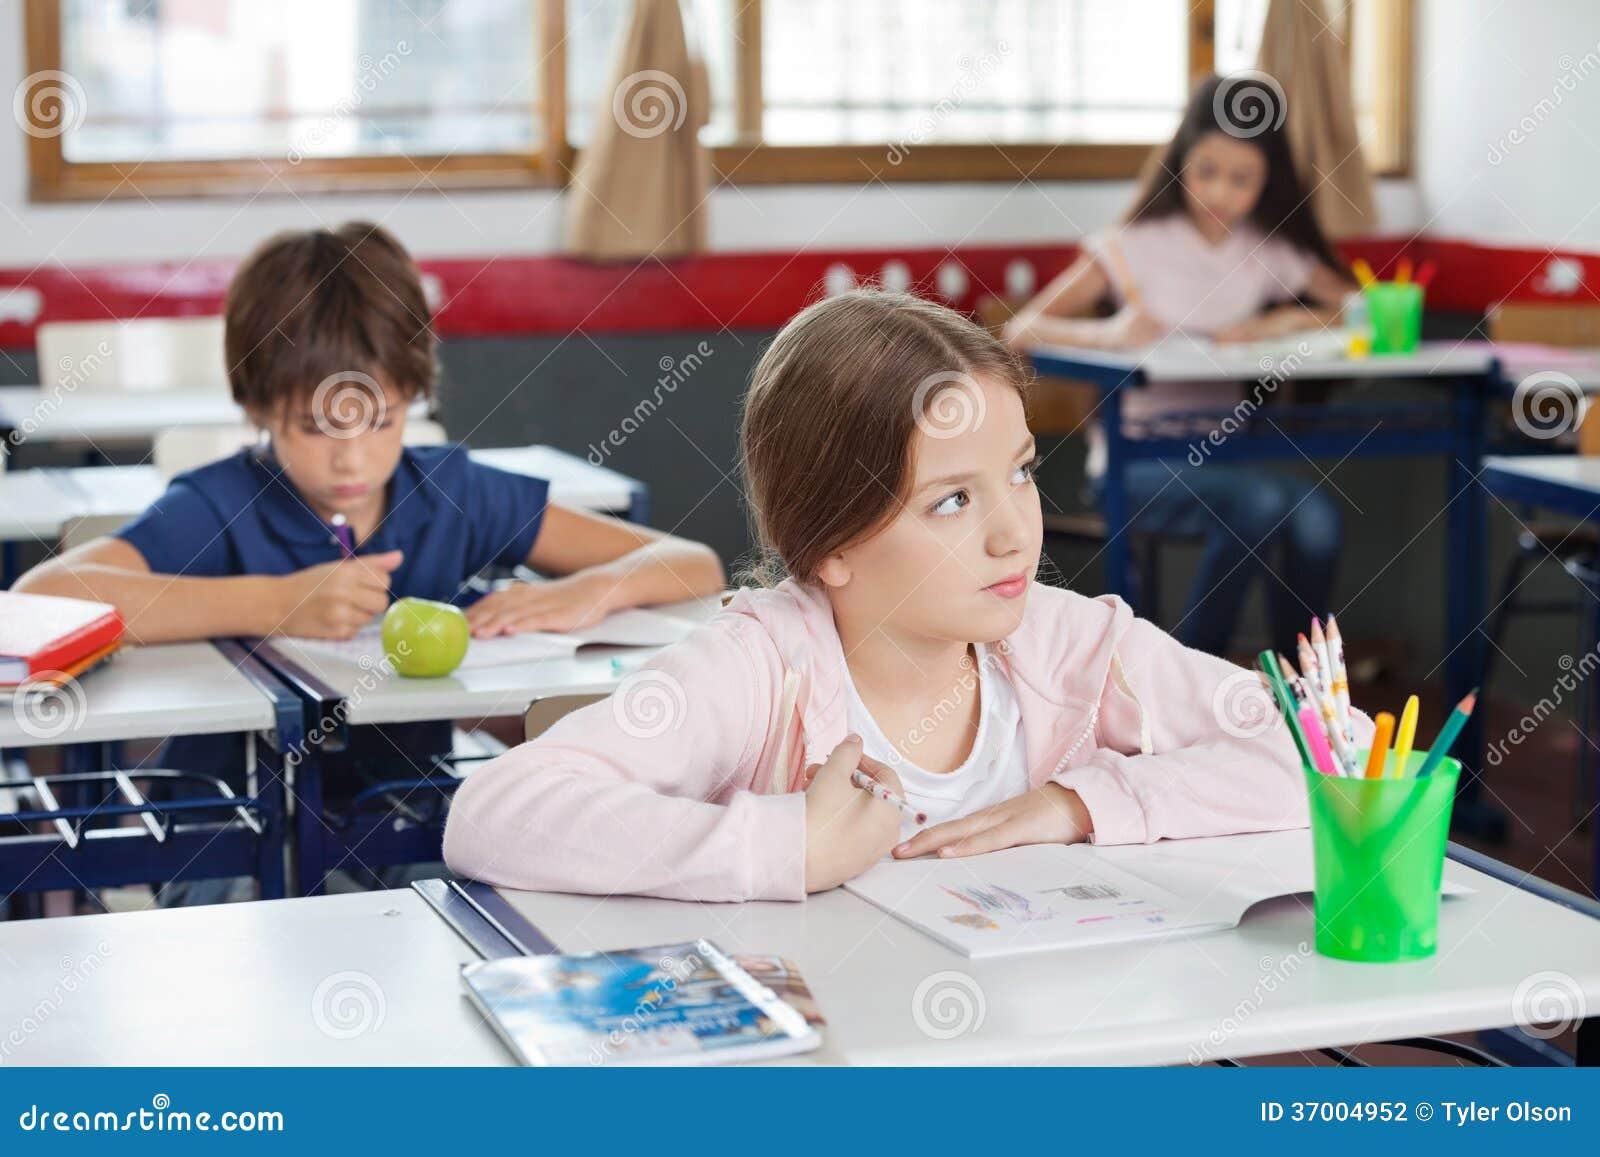 Colegiala que parece ausente mientras que dibuja en sala de clase